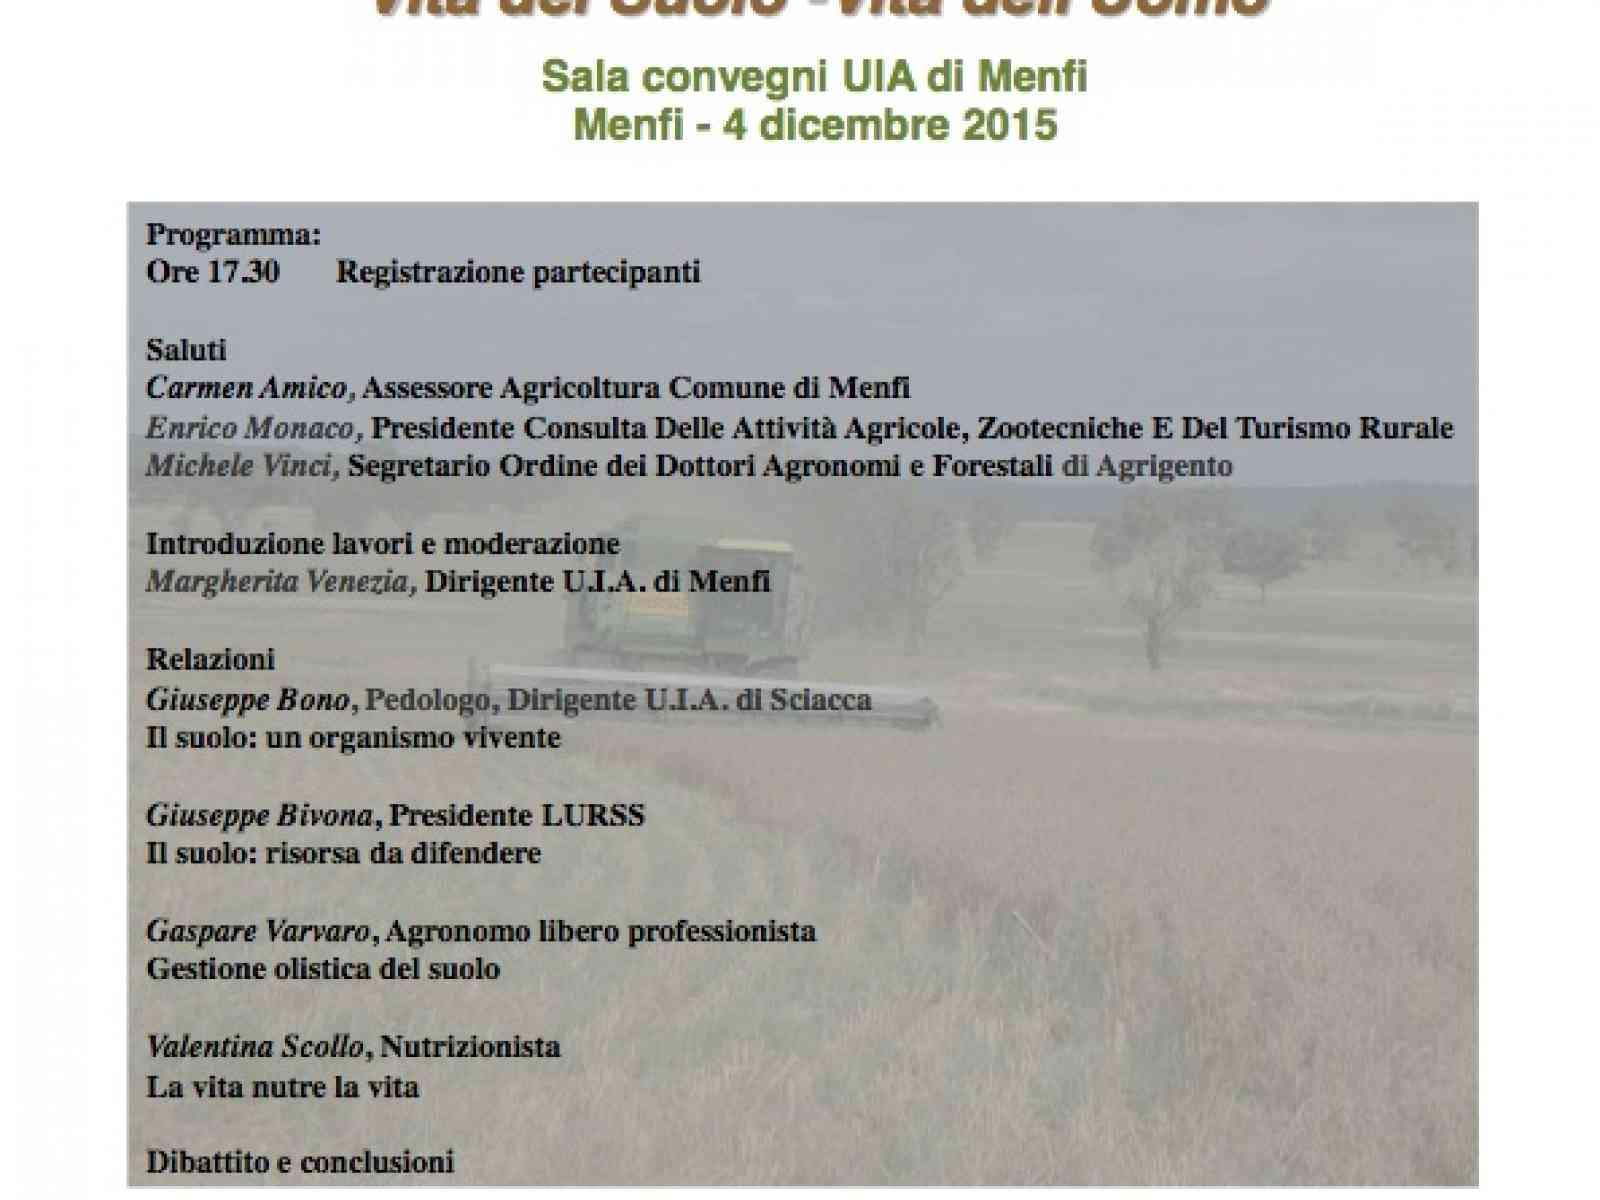 Menfi. La Consulta Agricola Zootecnica e del Turismo Rurale ottiene il patrocinio FAO per attività Locali